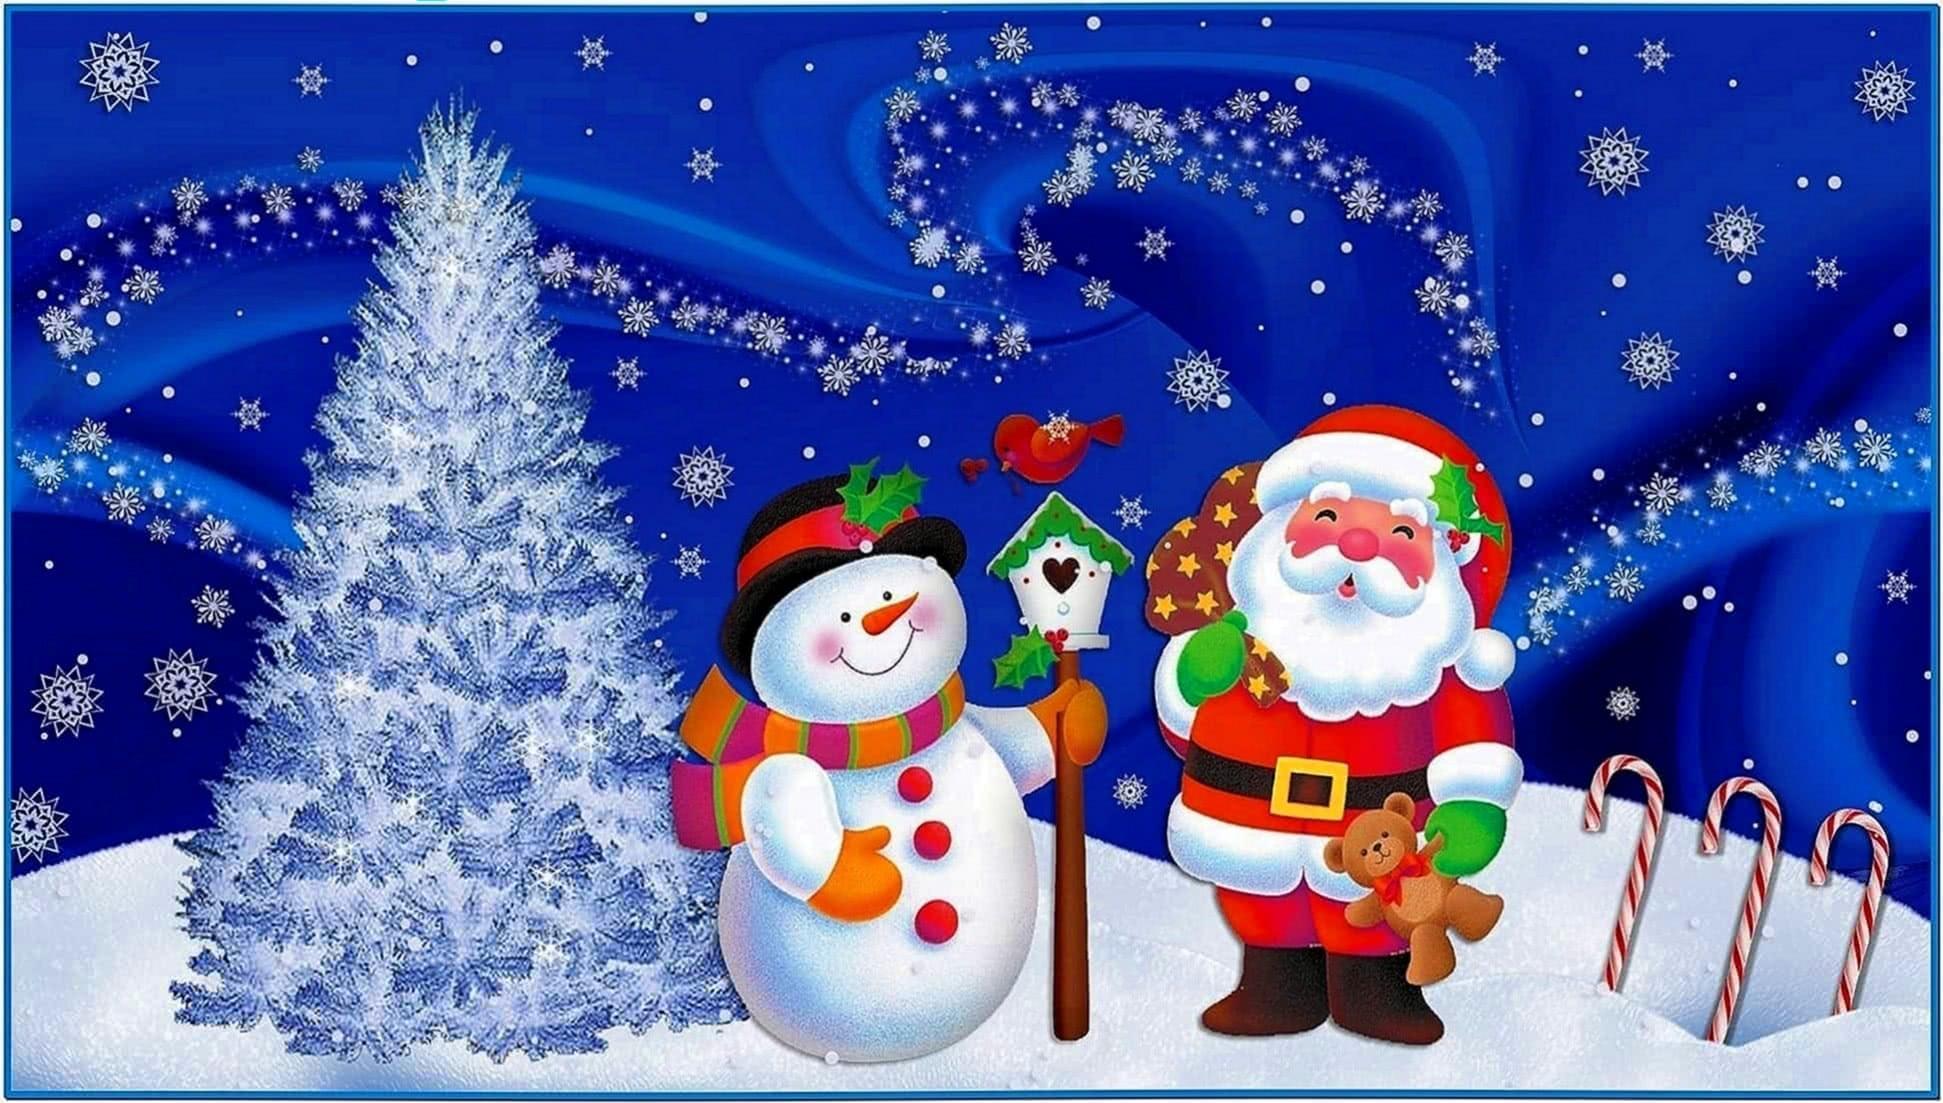 animated christmas screensavers free - Animated Christmas Screensavers